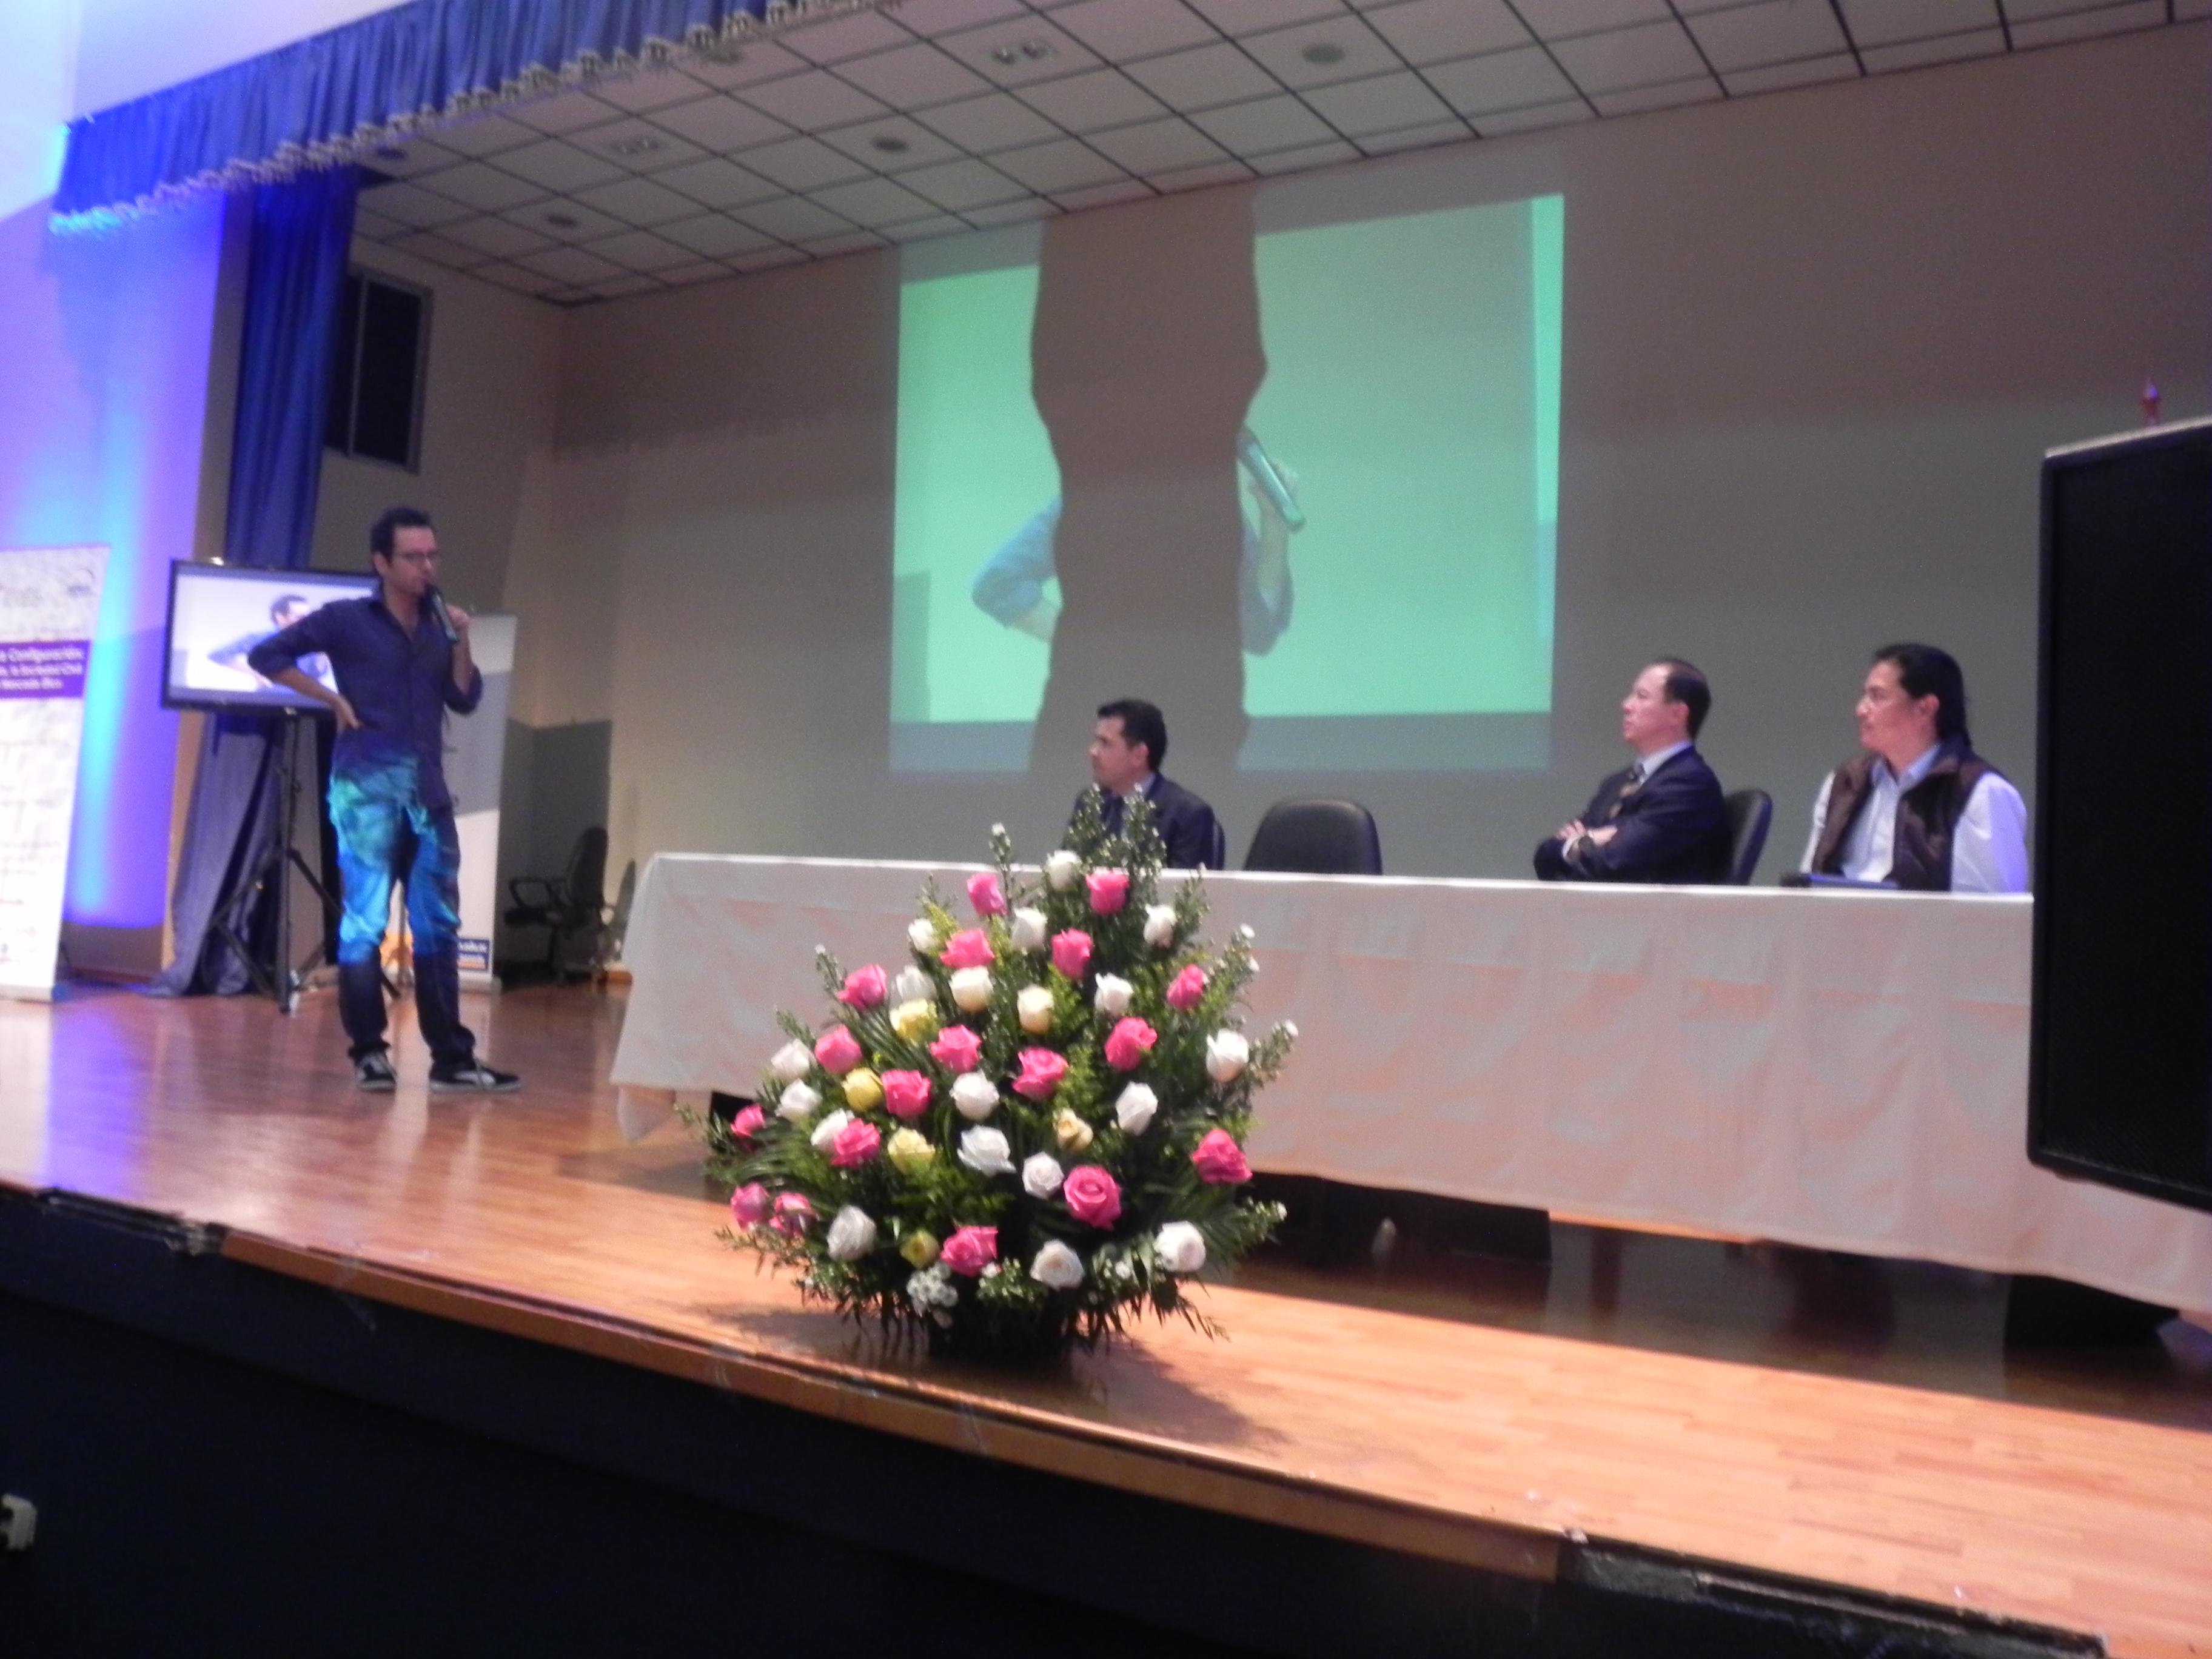 <!--:es-->Segundo día de seminario trató las iniciativas que mejoran el flujo de la Economía Popular y Solidaria<!--:-->